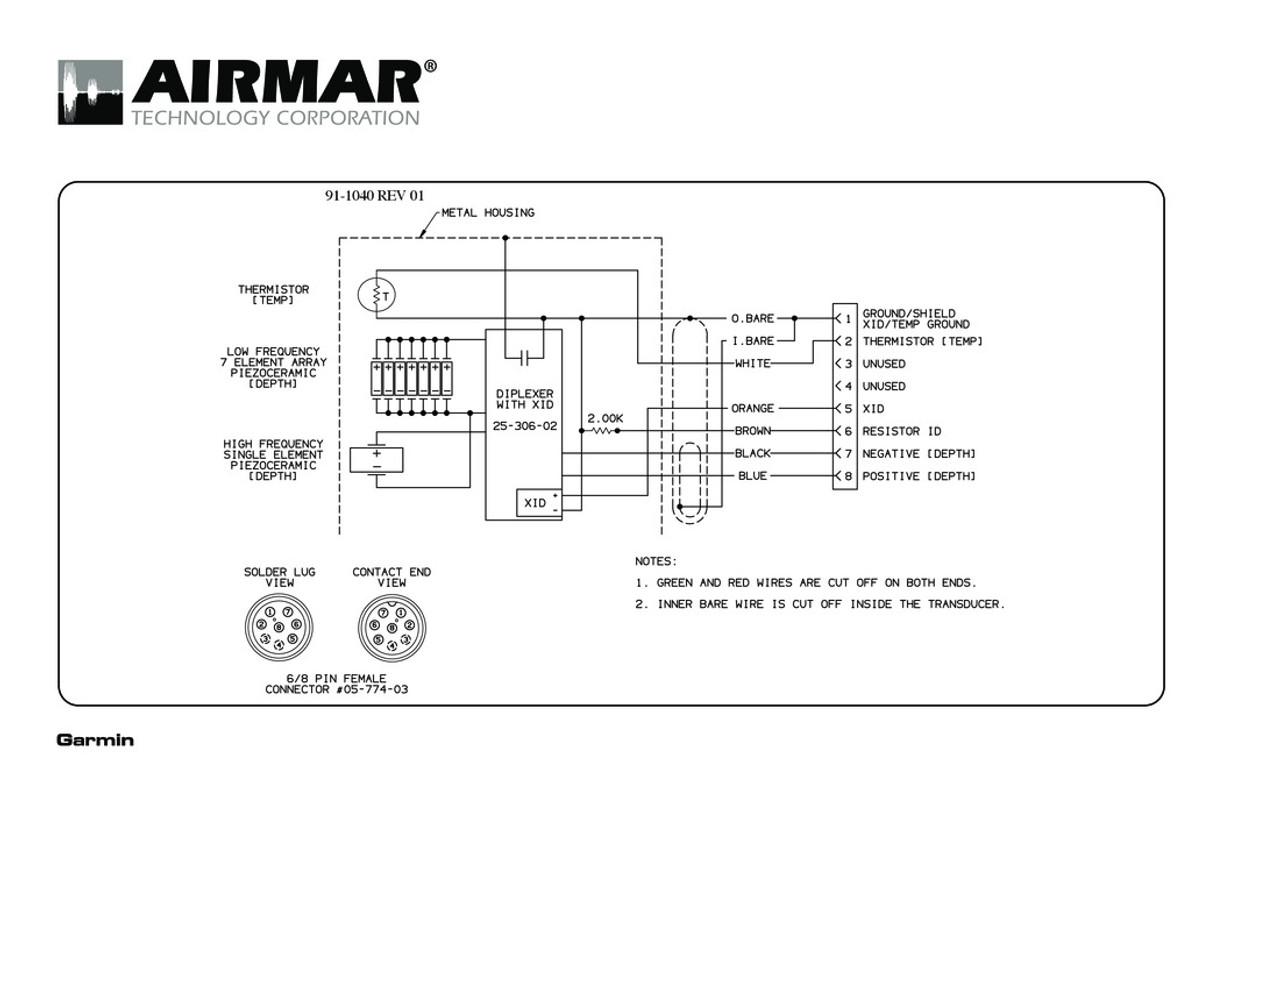 medium resolution of uniden wire diagram schematic diagramuniden solara dsc wiring diagram wiring diagram simple wiring diagrams uniden solara